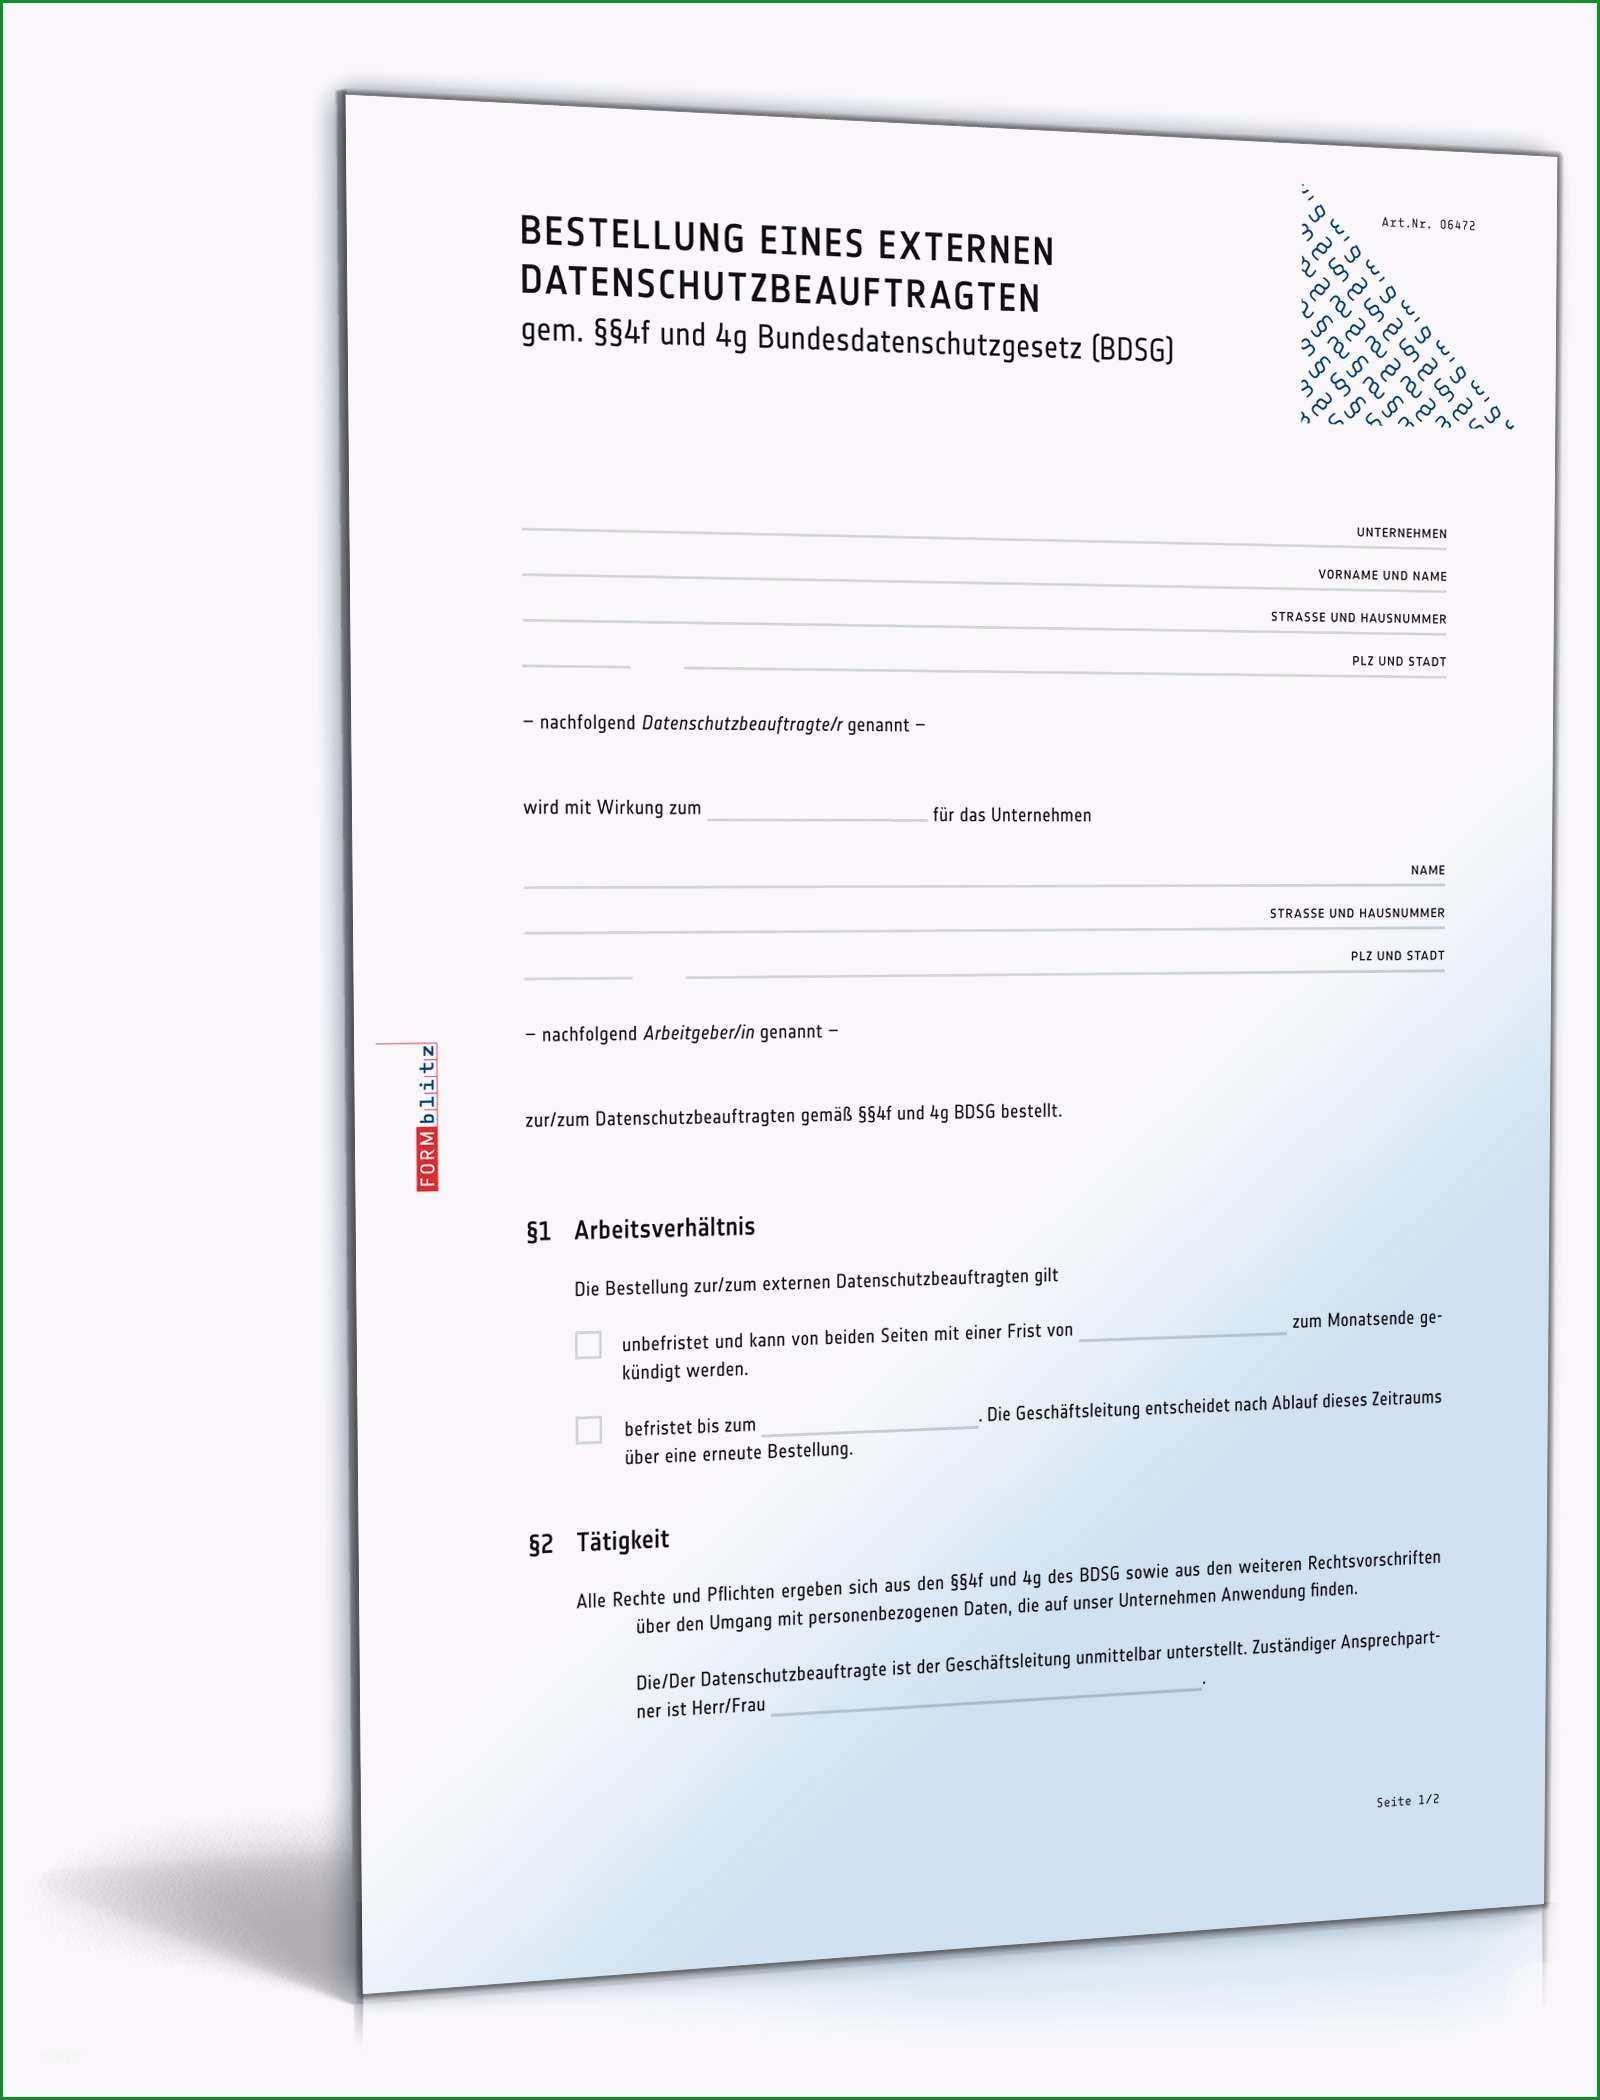 bestellung datenschutzbeauftragter extern